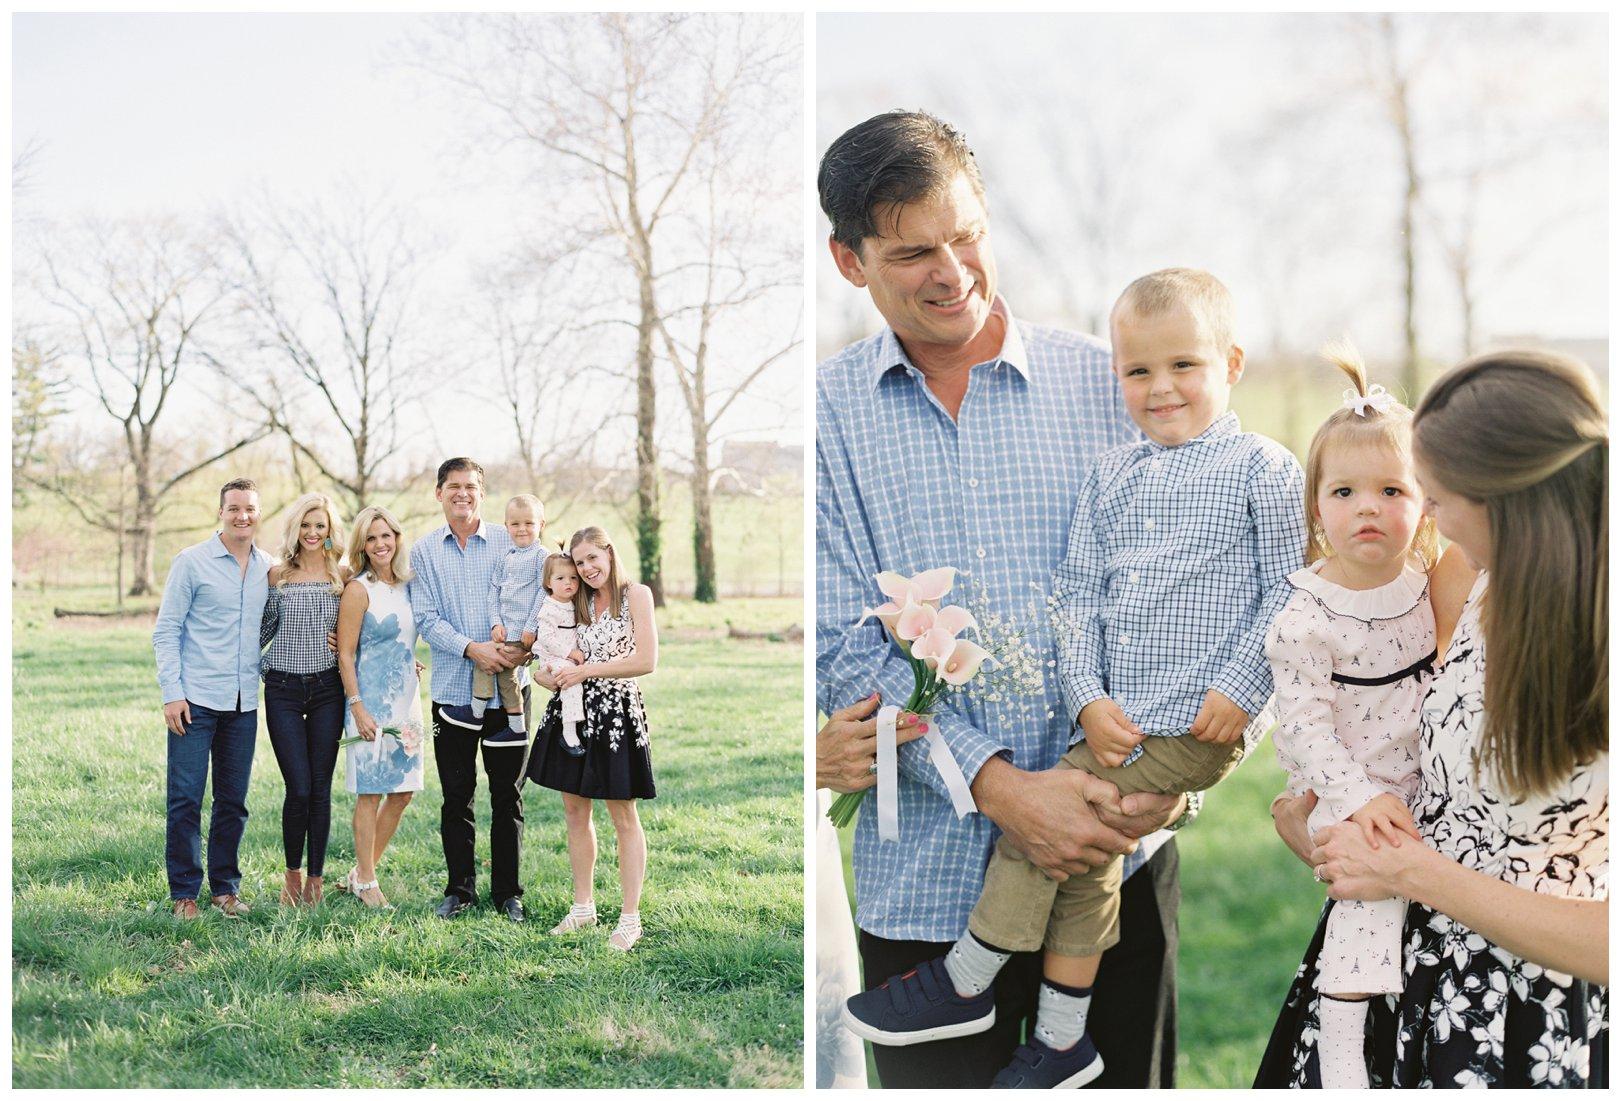 lauren muckler photography_fine art film wedding photography_st louis_photography_0877.jpg